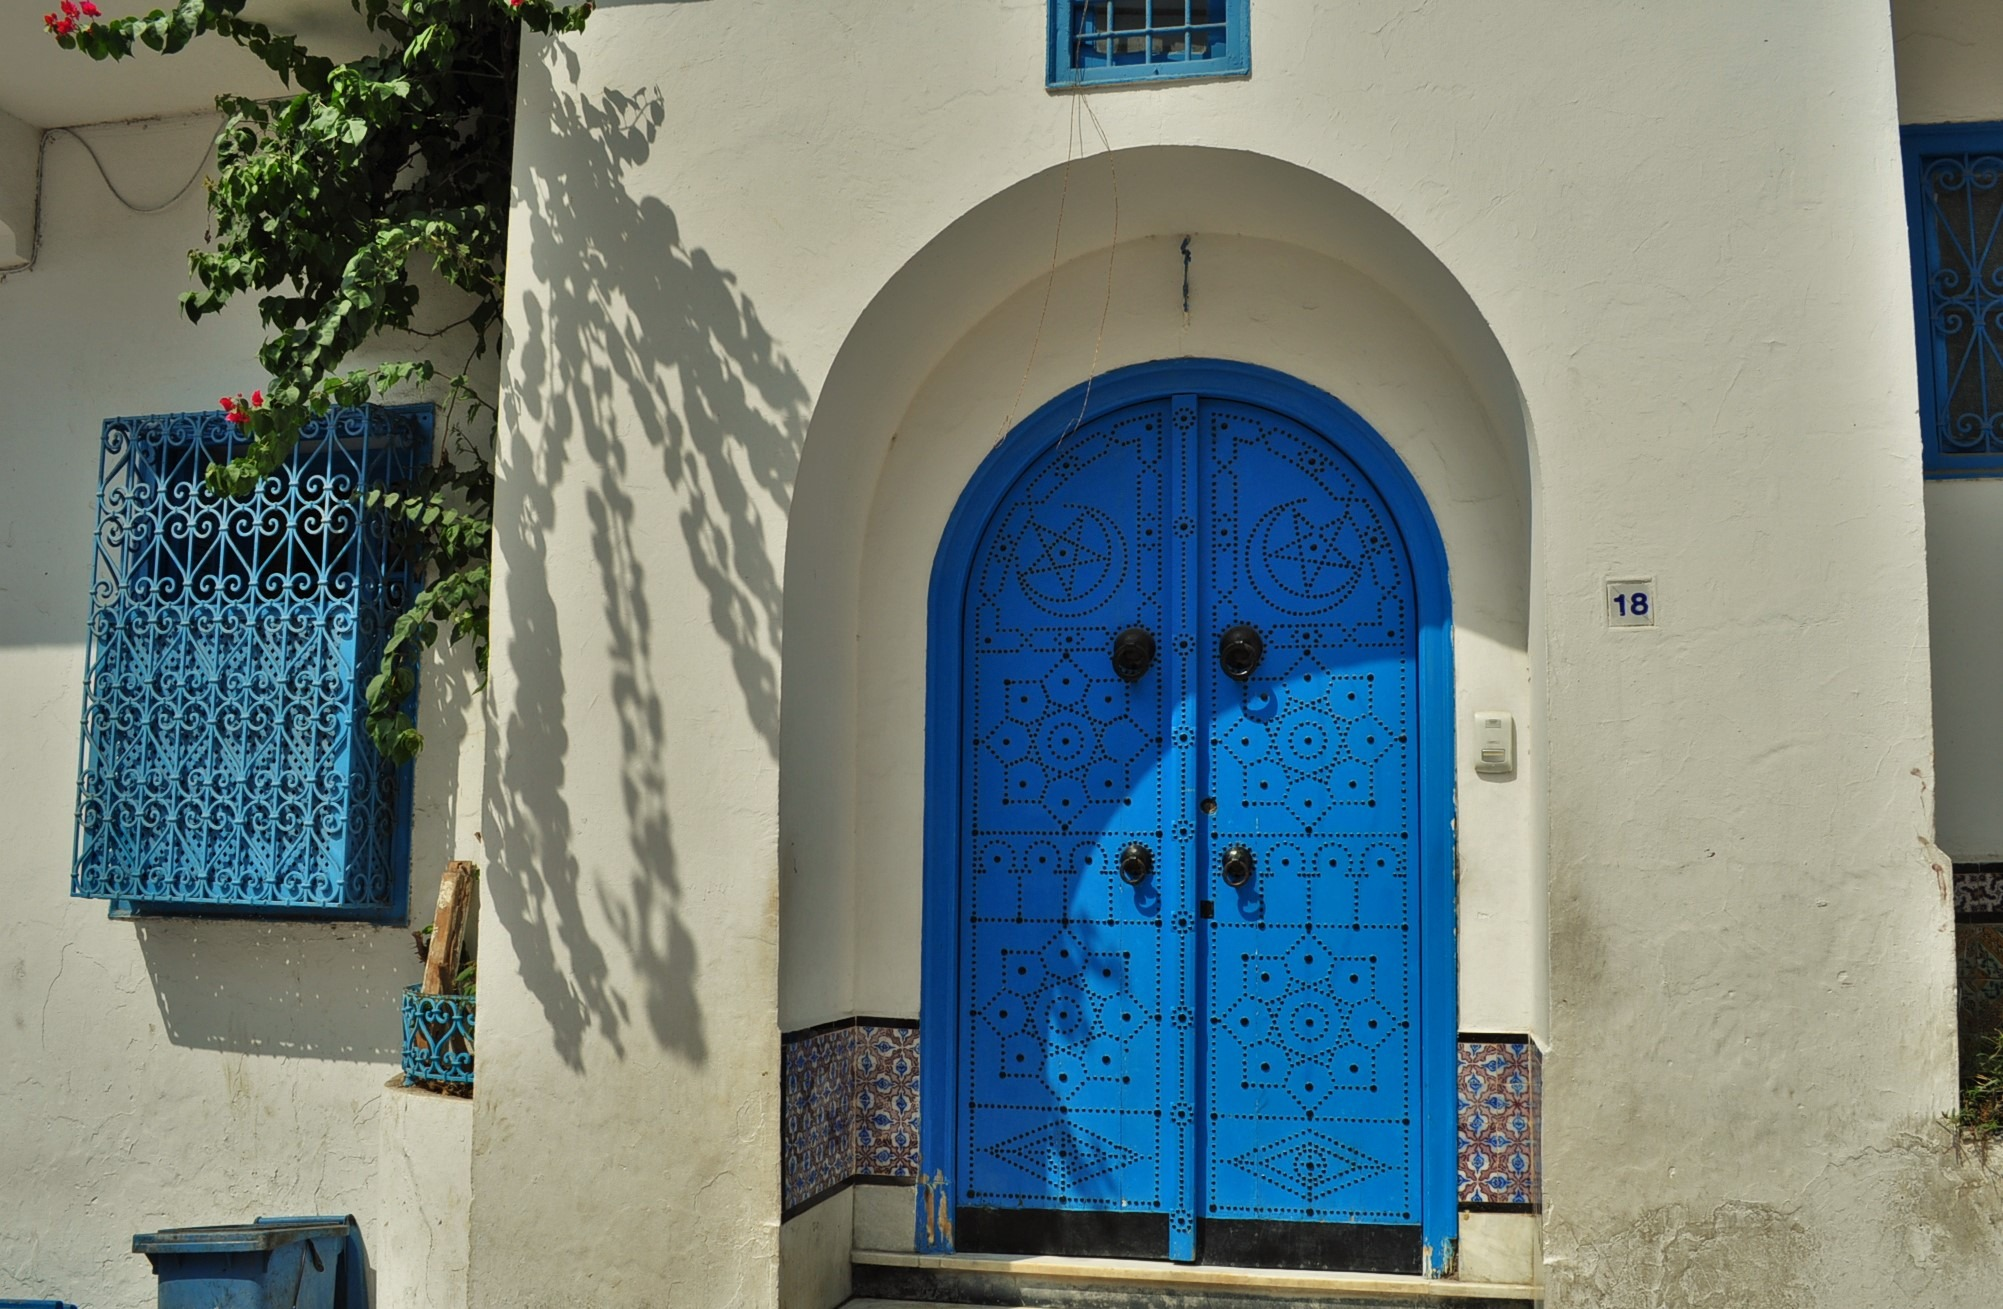 Вратите на Сиди Бу Саид са се превърнали в туристическо лого за Тунис. Нещо като българската роза за България. Има ги под формата на всякакви сувенири